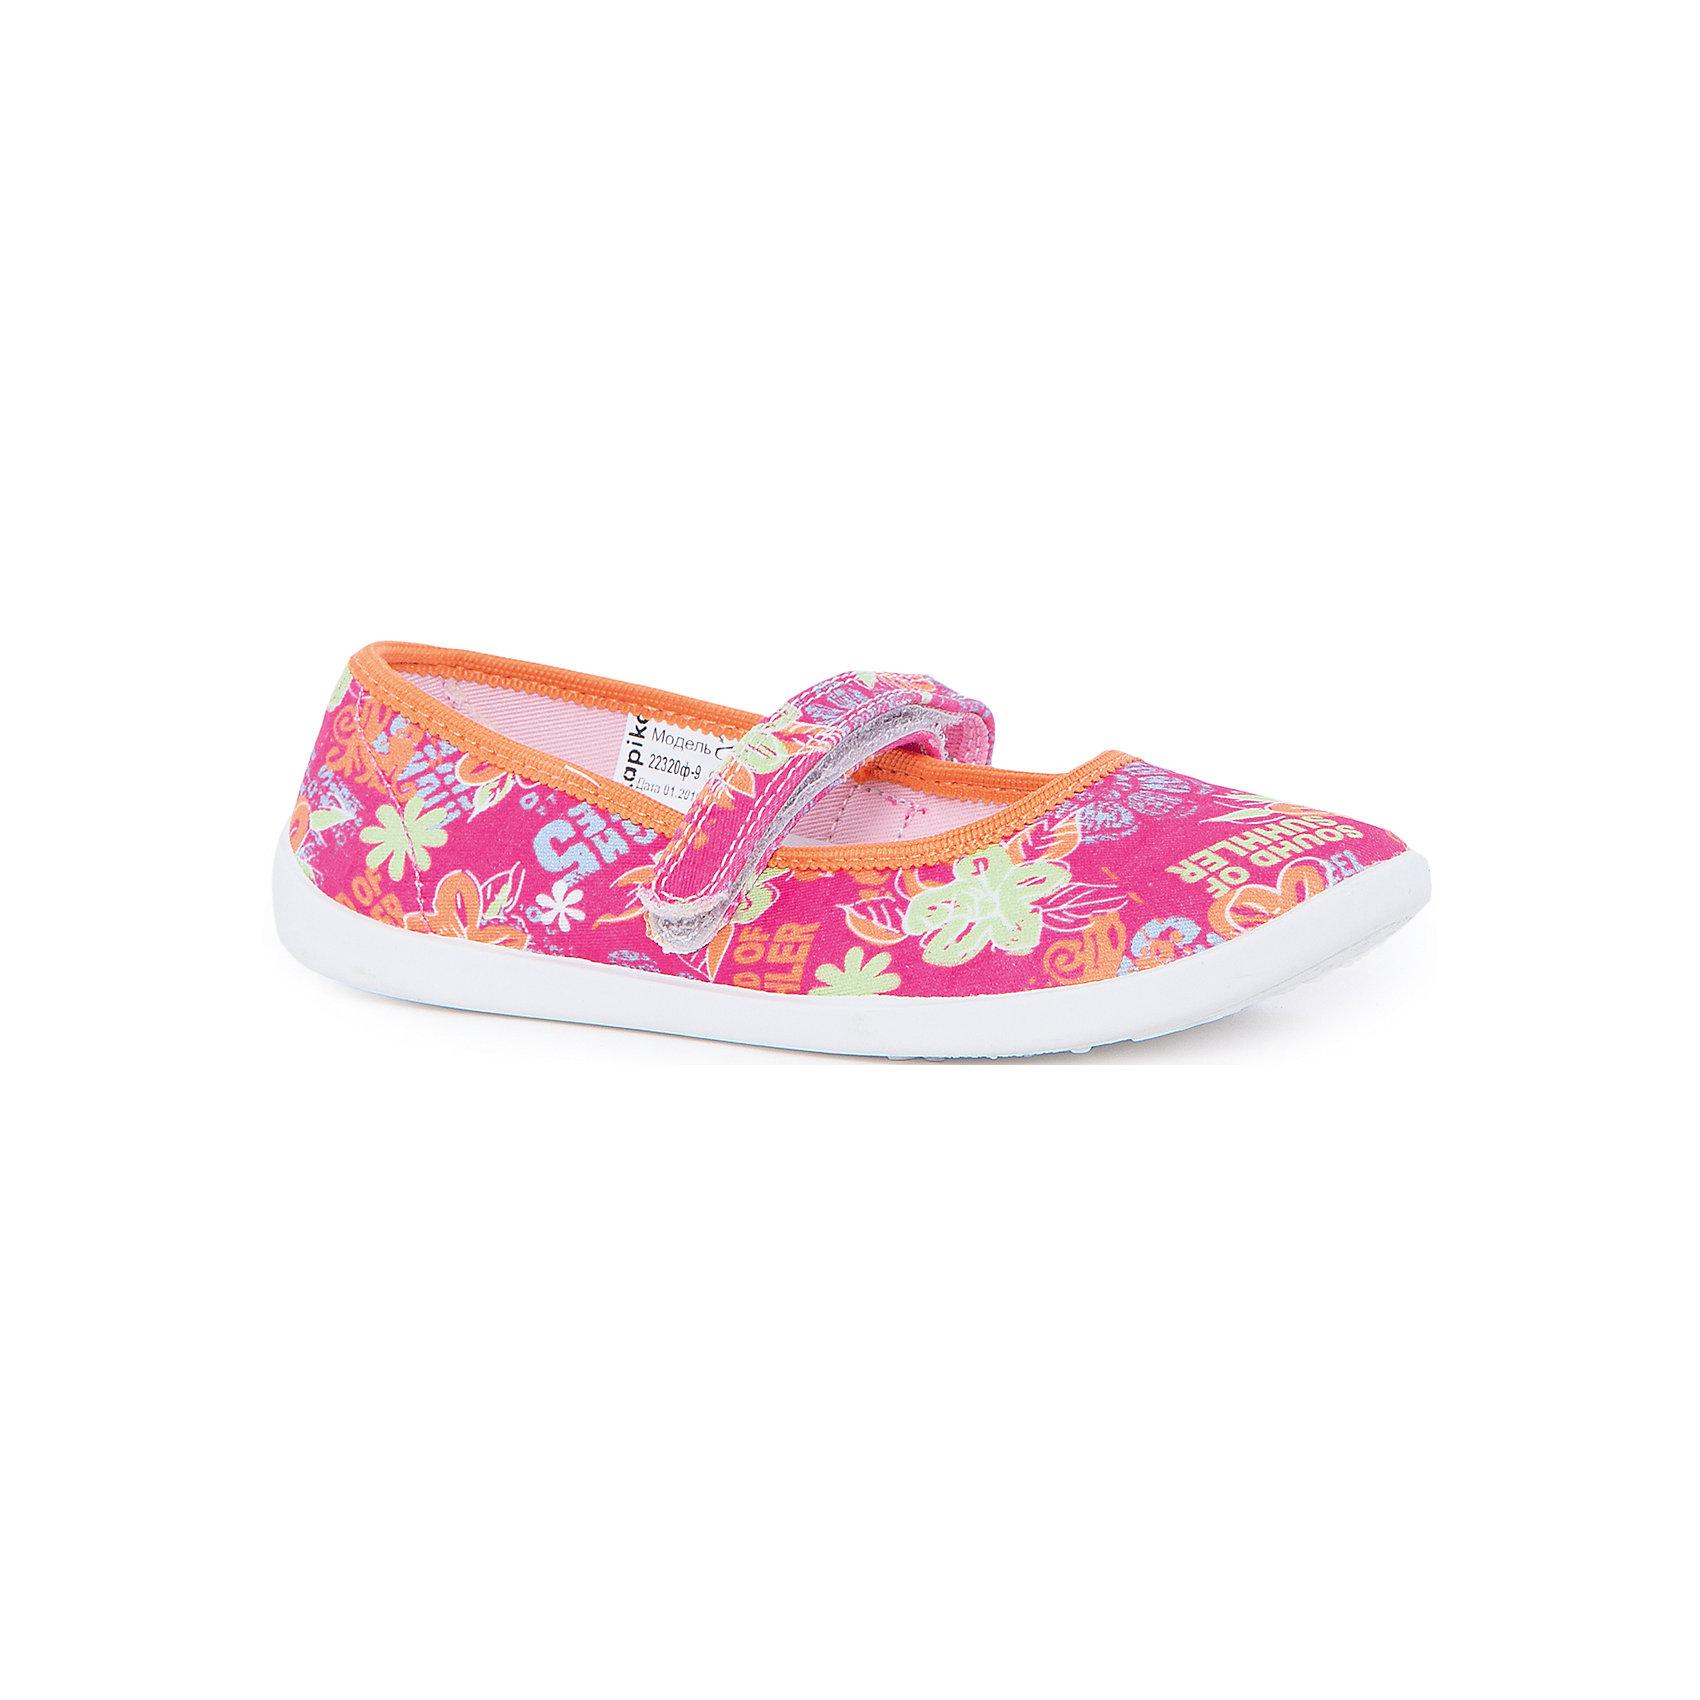 Туфли для девочки KAPIKAТуфли<br>Туфли для девочки KAPIKA станут отличным вариантом для летних прогулок. Туфельки очень удобные и не будут натирать ножки. Они не будут сковывать движение и прогулки станут особенно интересными. Порадуйте себя и своего малыша  таким замечательным подарком. <br><br>Характеристика:<br>-Цвет: розовый с рисунком<br>-Материал: верх - текстиль, стелька - кожа,                       подошва - полимер,                       подкладка - текстиль<br>-Застёжка: липучка<br>-Бренд: KAPIKA(КАПИКА)<br><br>Туфли для девочки KAPIKA  вы можете приобрести в нашем интернет- магазине.<br><br>Ширина мм: 227<br>Глубина мм: 145<br>Высота мм: 124<br>Вес г: 325<br>Цвет: розовый<br>Возраст от месяцев: 108<br>Возраст до месяцев: 120<br>Пол: Женский<br>Возраст: Детский<br>Размер: 33,32,31,30,34,35<br>SKU: 4987754